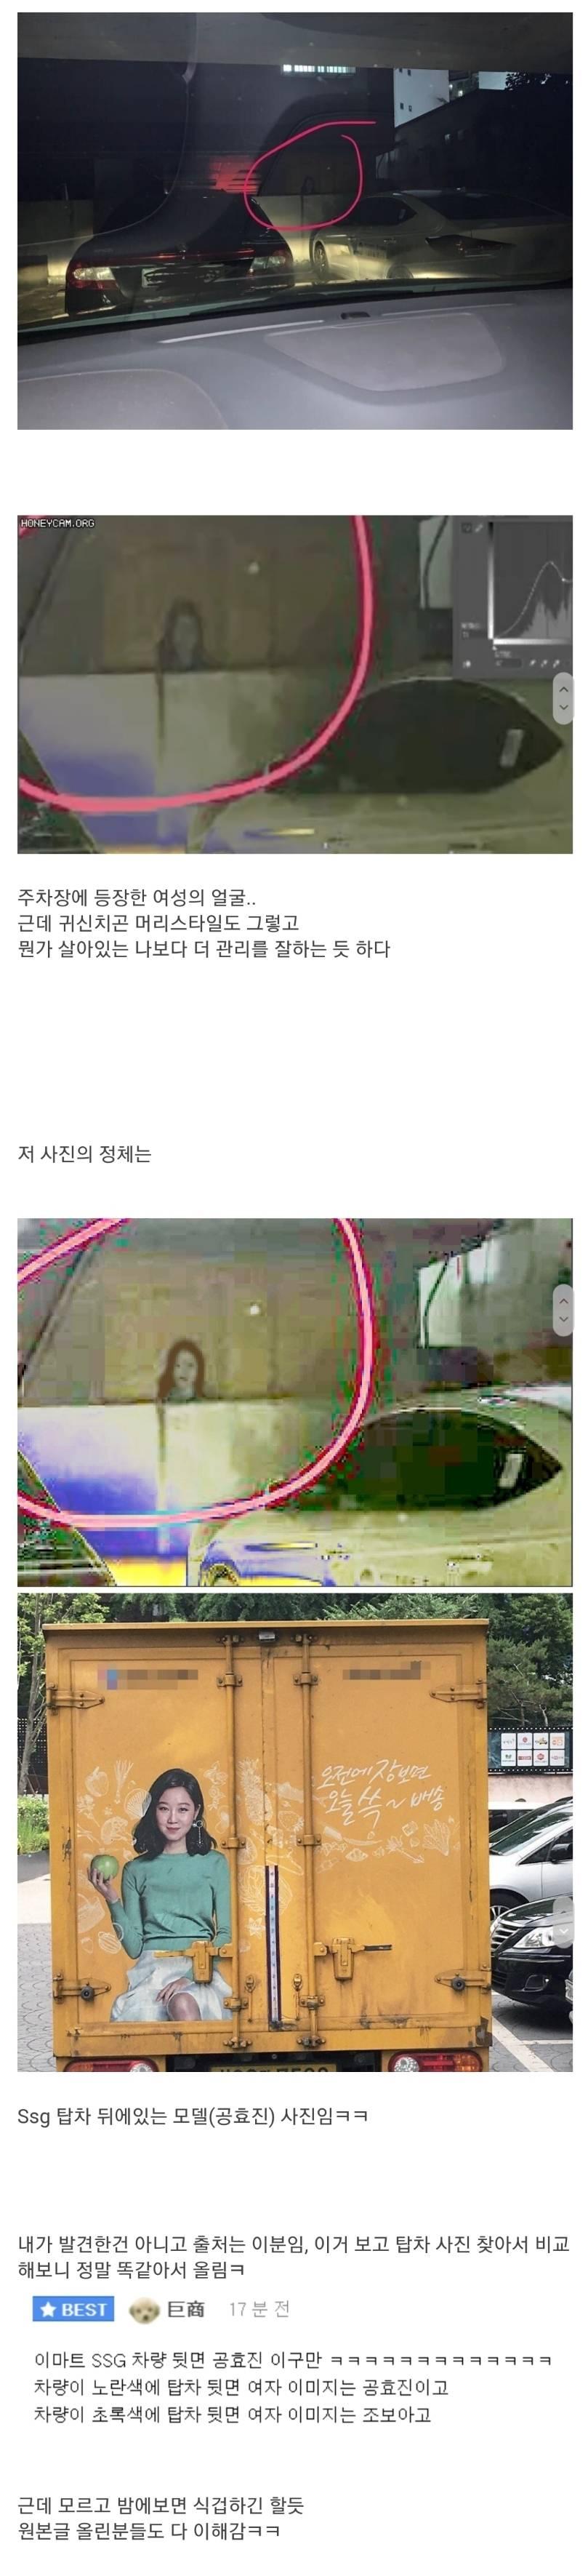 주차장에서 마주친 의문의 여자.jpg | 인스티즈